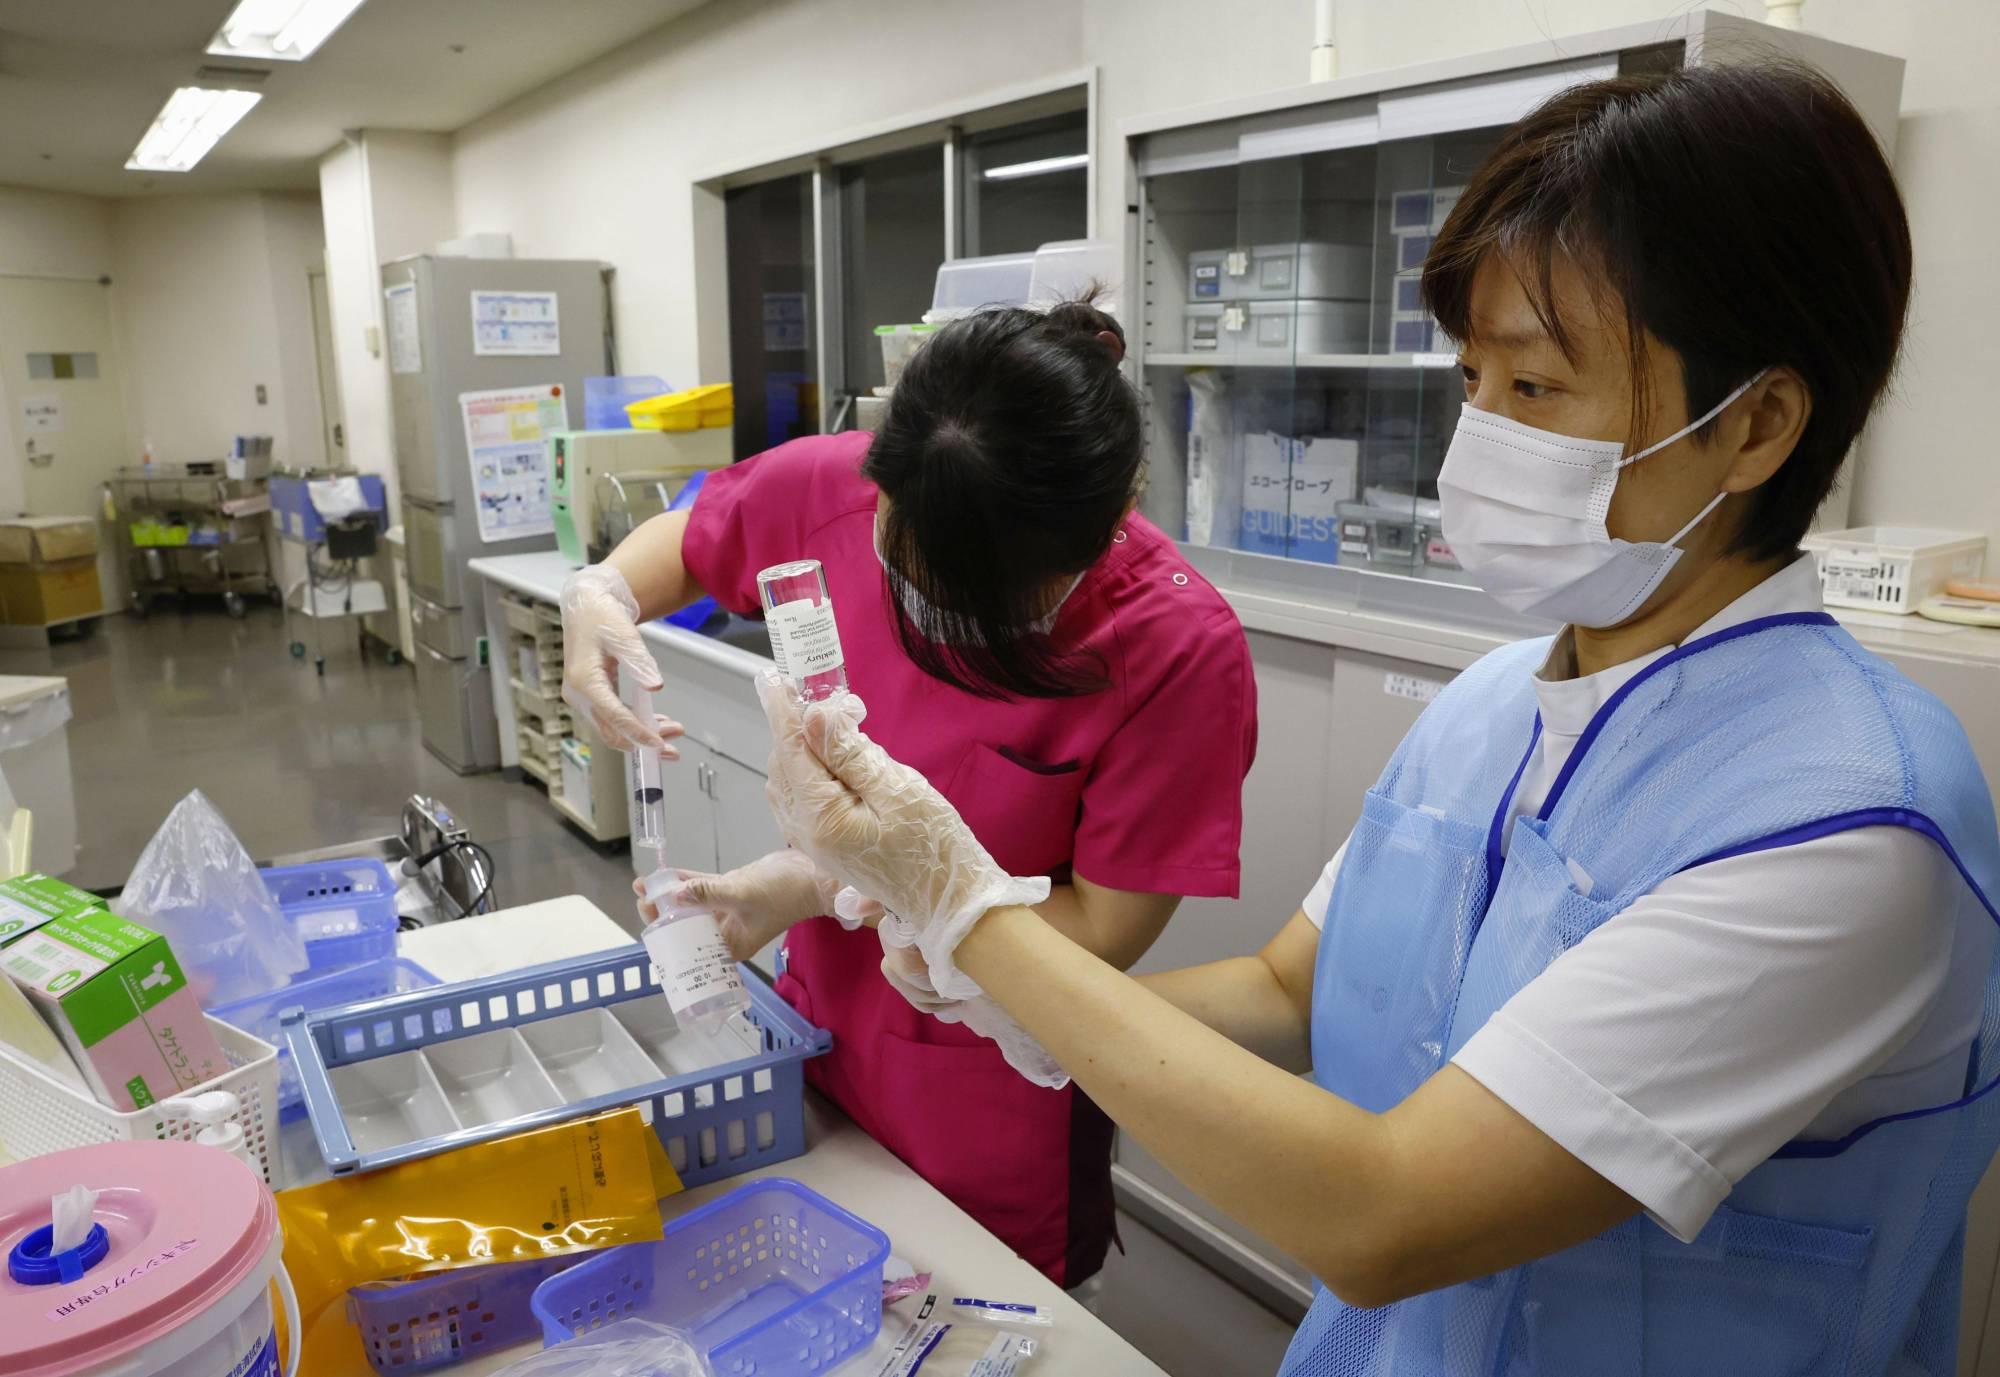 Các y tá chuẩn bị thuốc cho một bệnh nhân COVID-19 tại Bệnh viện Yokohama Rosai.